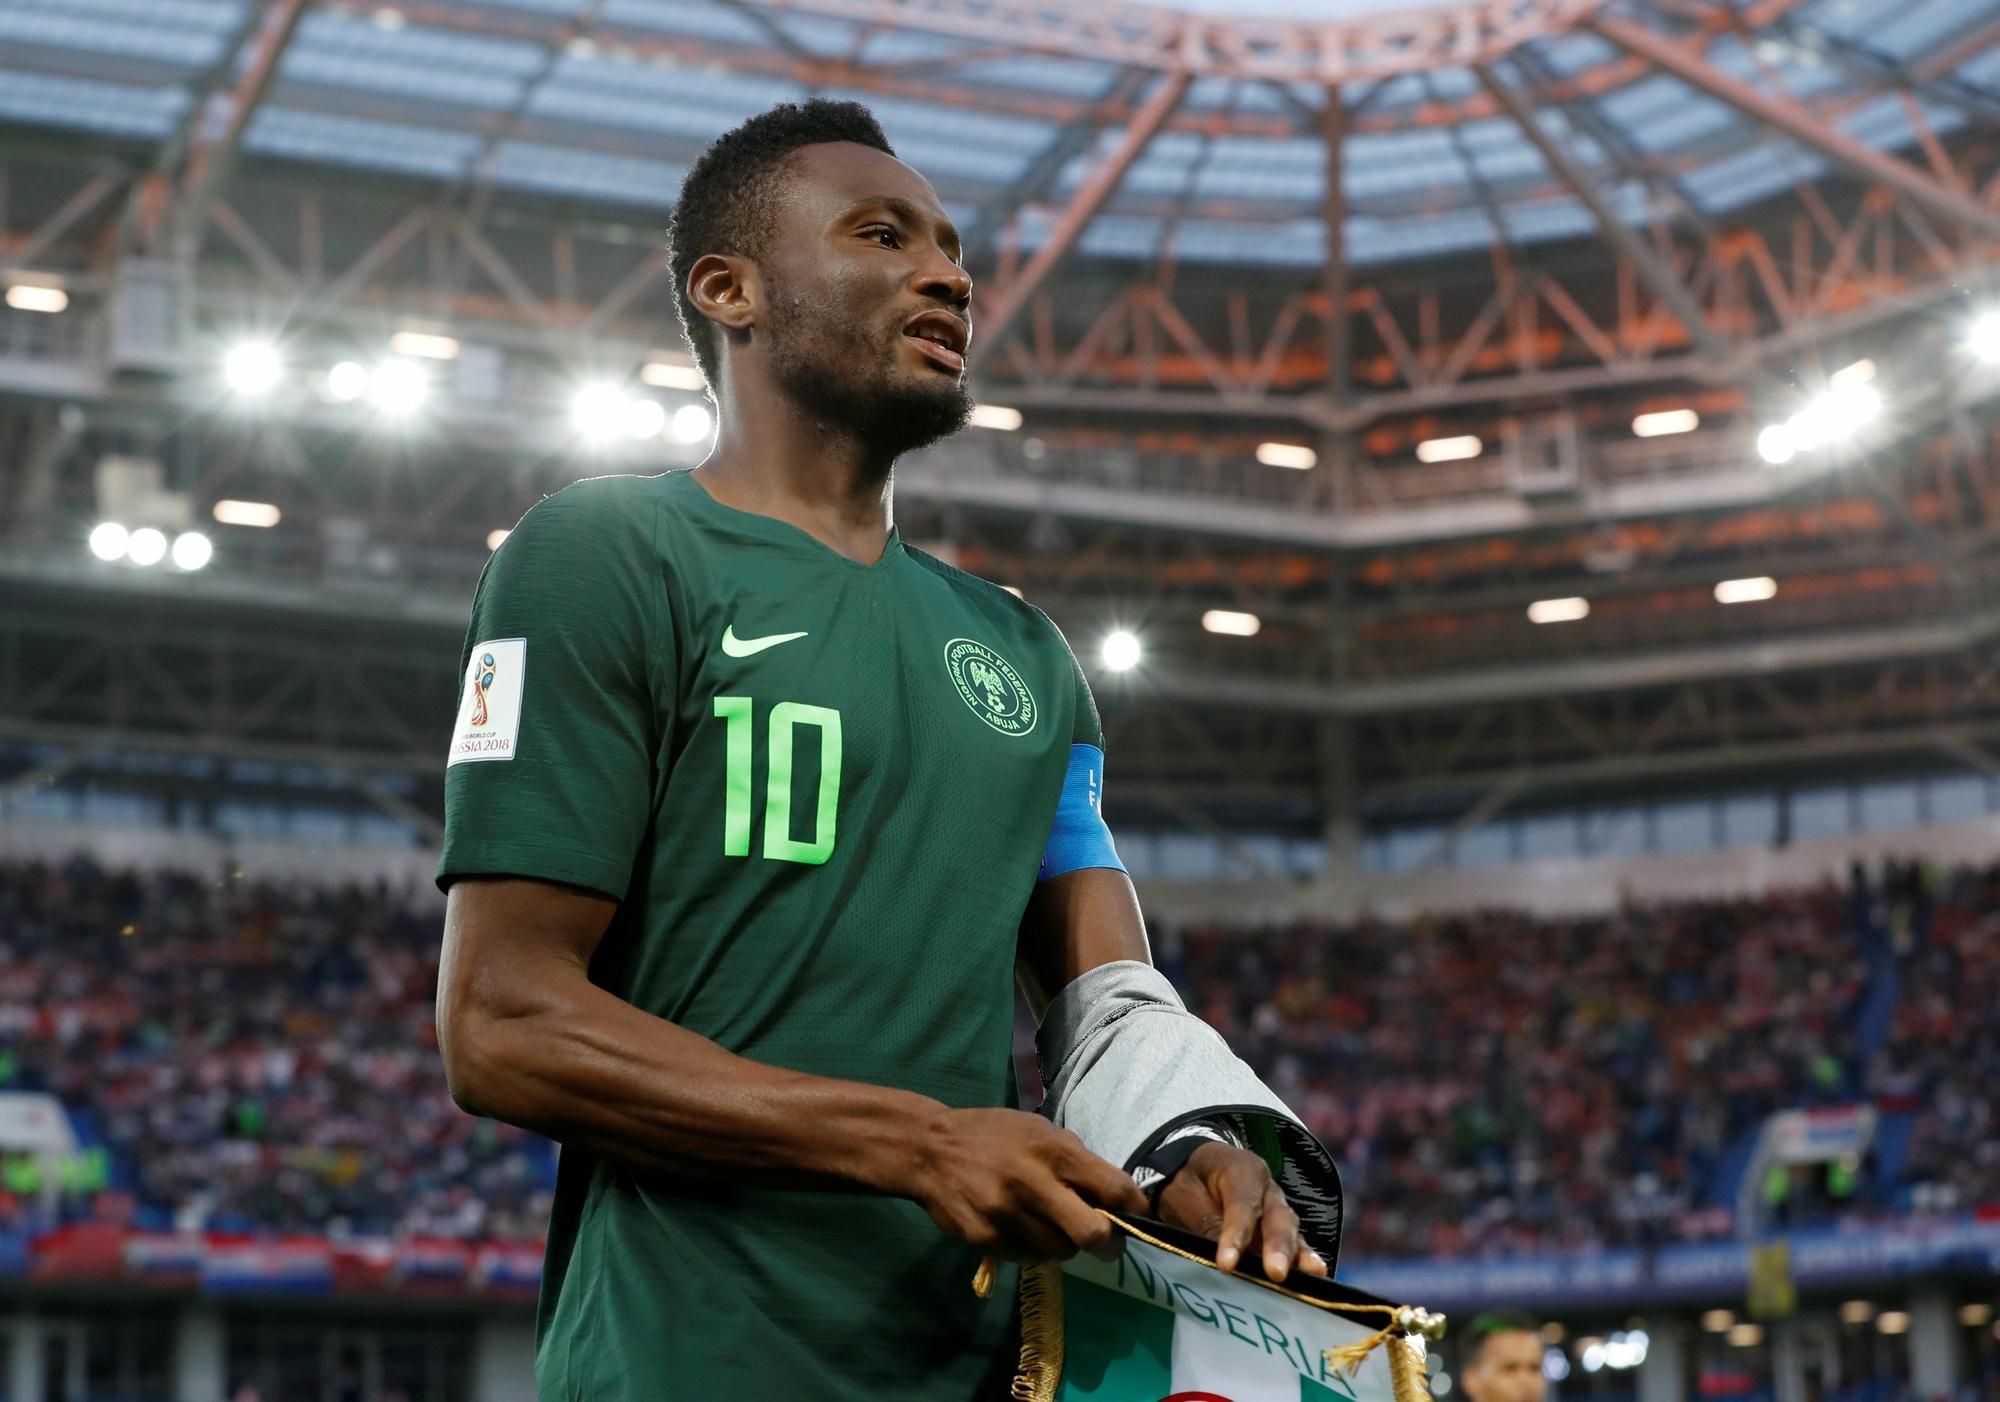 Nigéria se despede da Copa do Mundo já com muita expectativa para 2022  398626493dabf